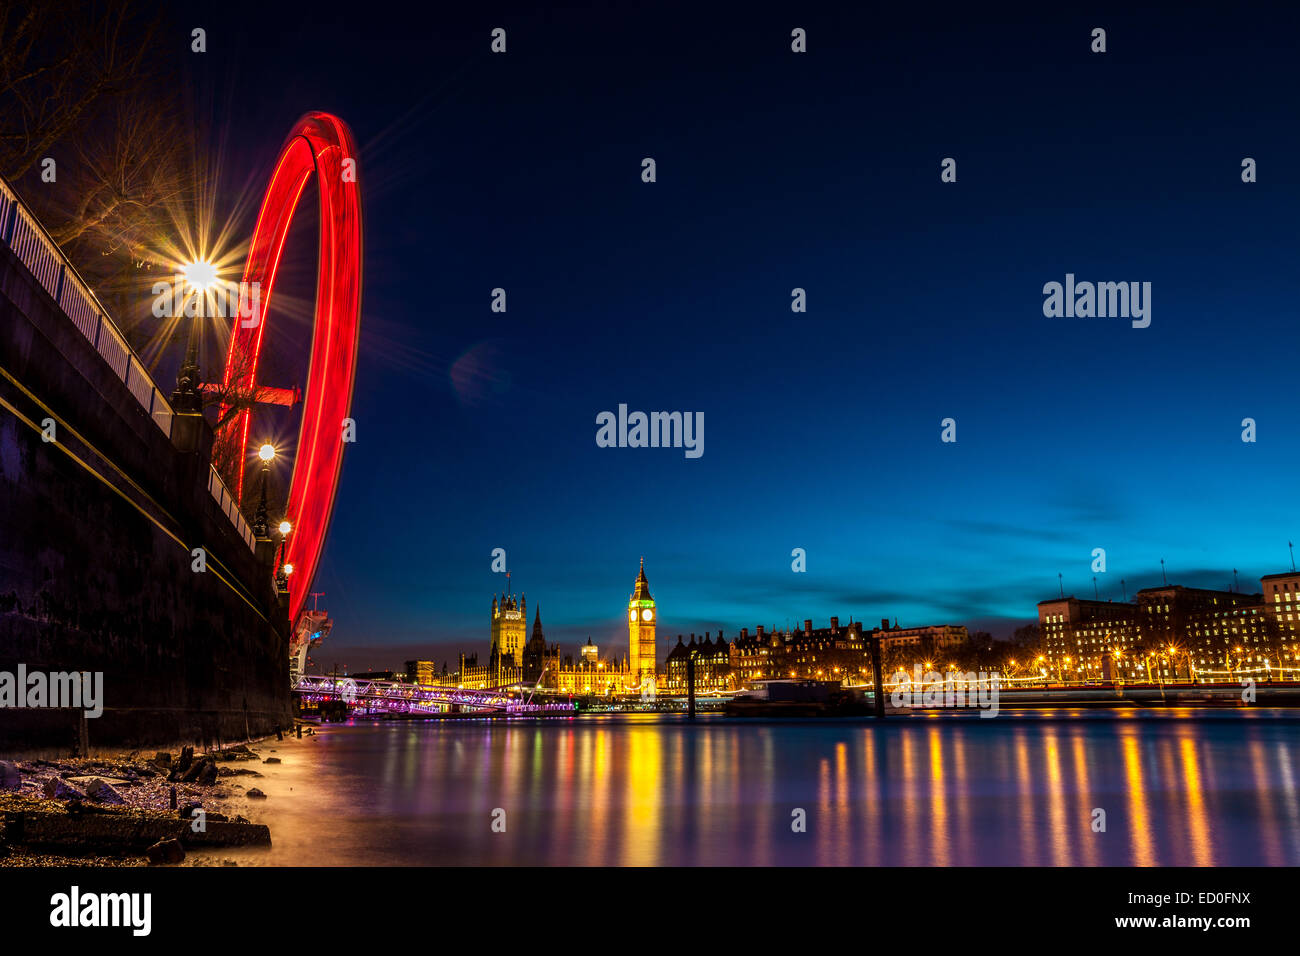 United Kingdom, England, London, London Eye, Westminster Bridge, London Eye in motion and illuminated cityscape - Stock Image